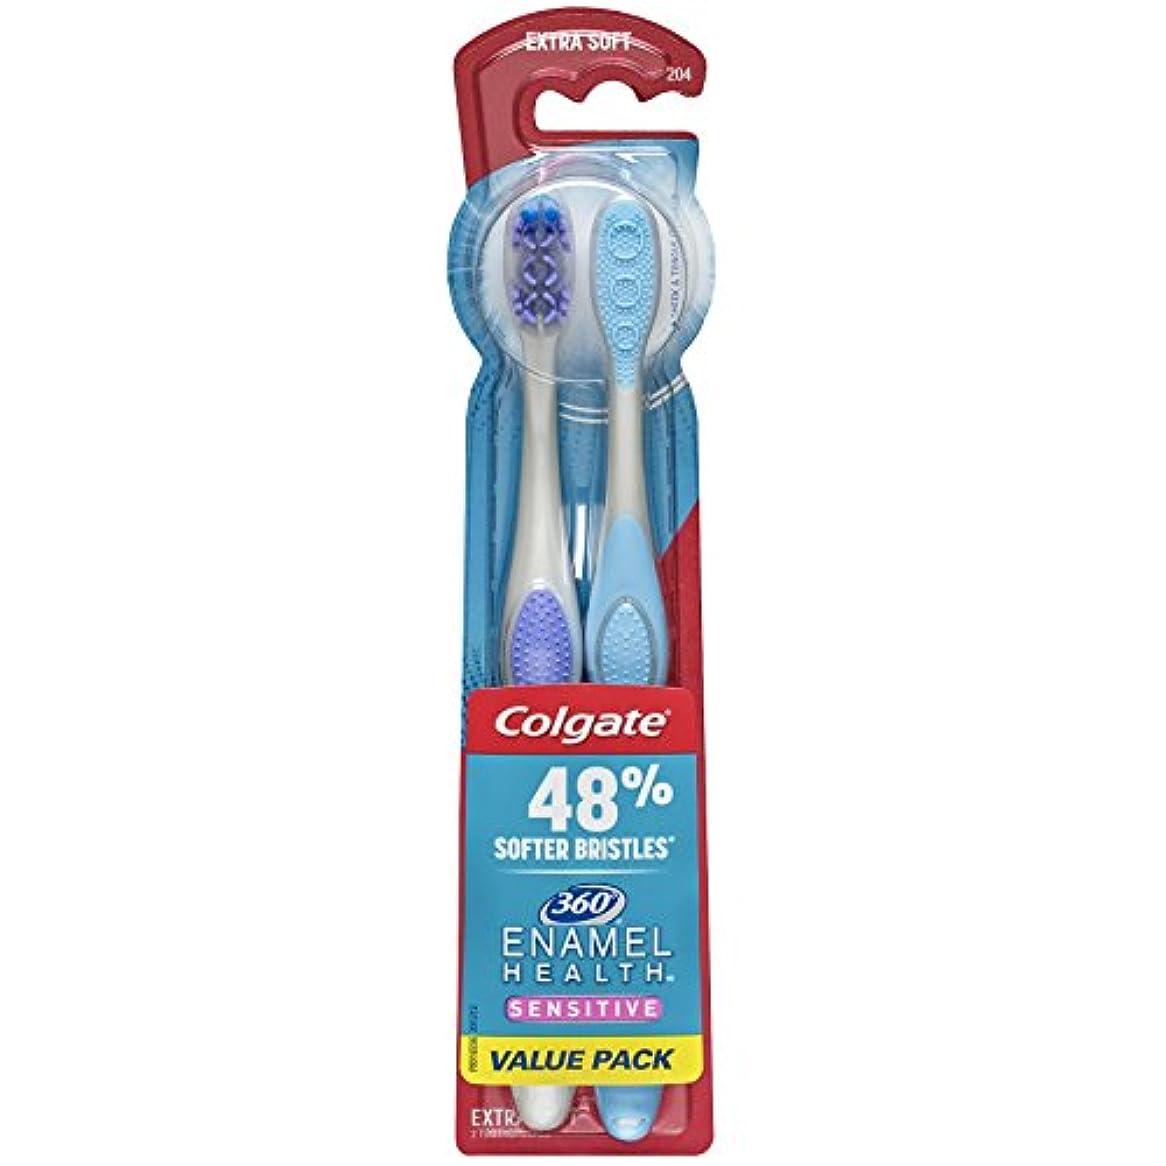 永遠に霧深い着陸Colgate エナメル健康に敏感な歯ブラシ、エクストラソフト、2カラット